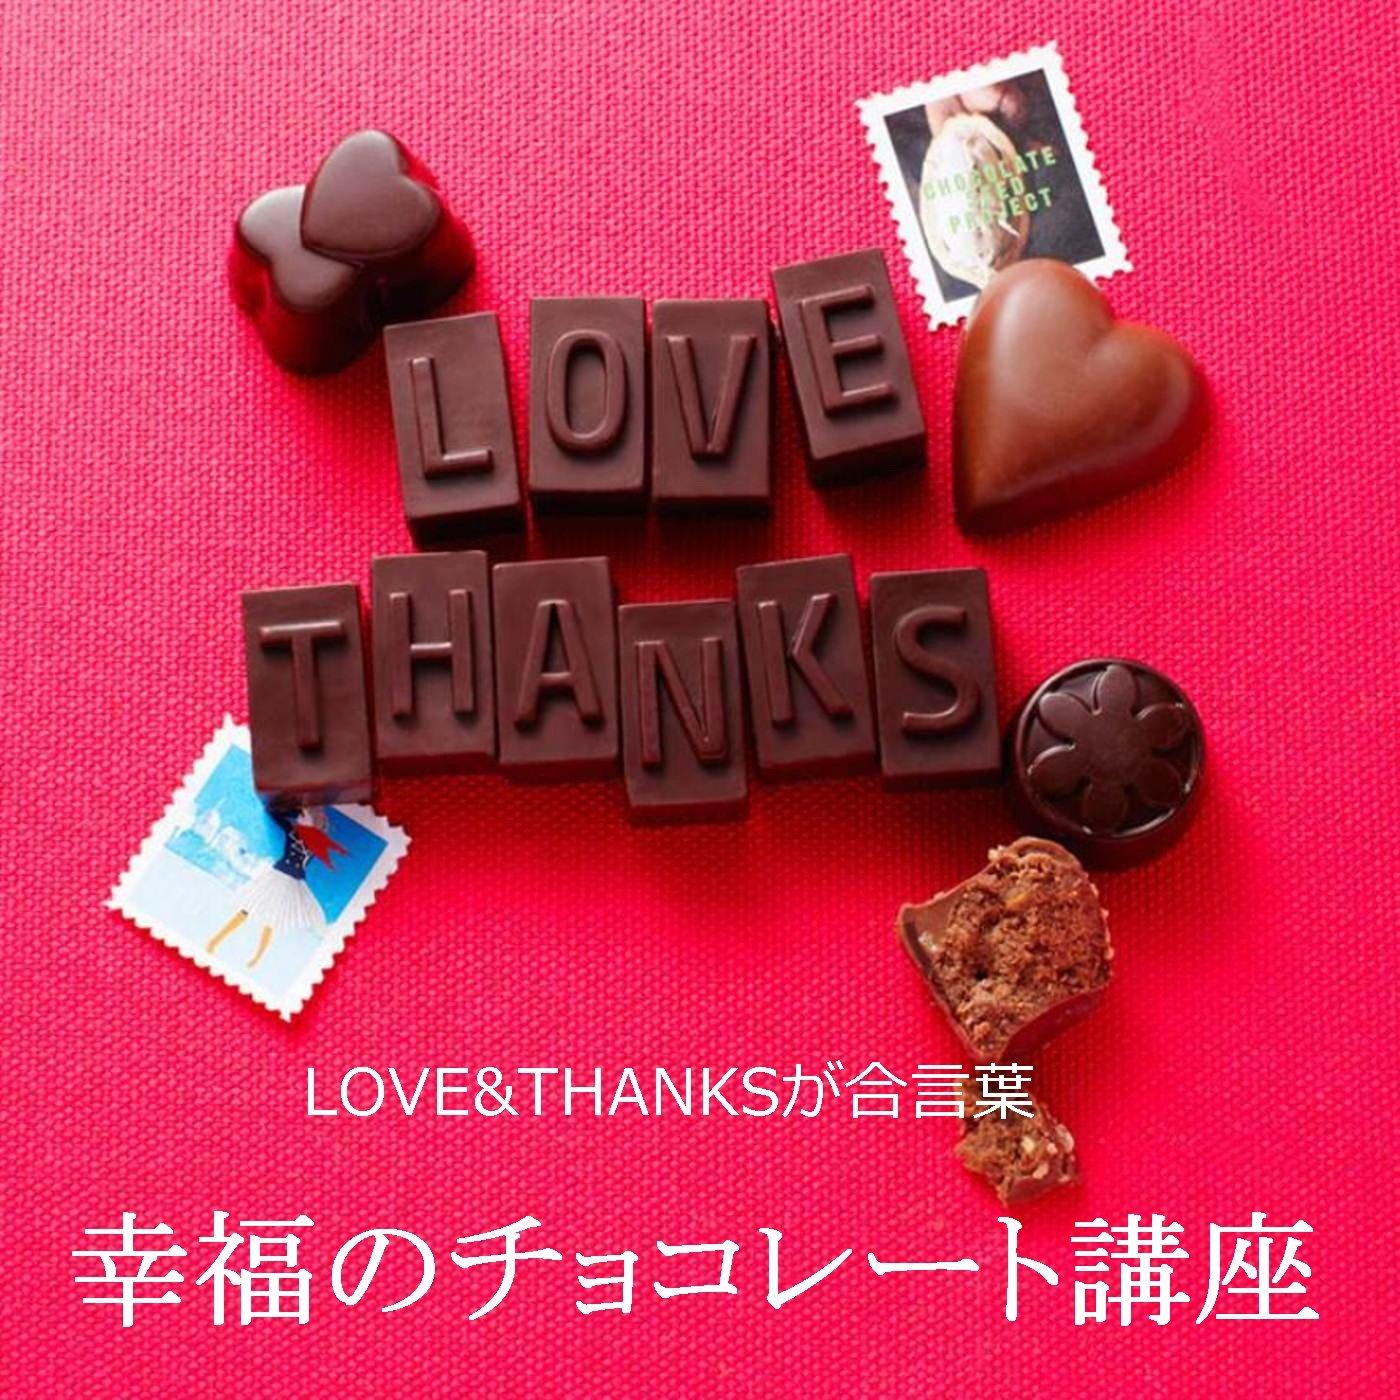 幸福のチョコレート講座 2019年11月8日・横浜開催 18:00~